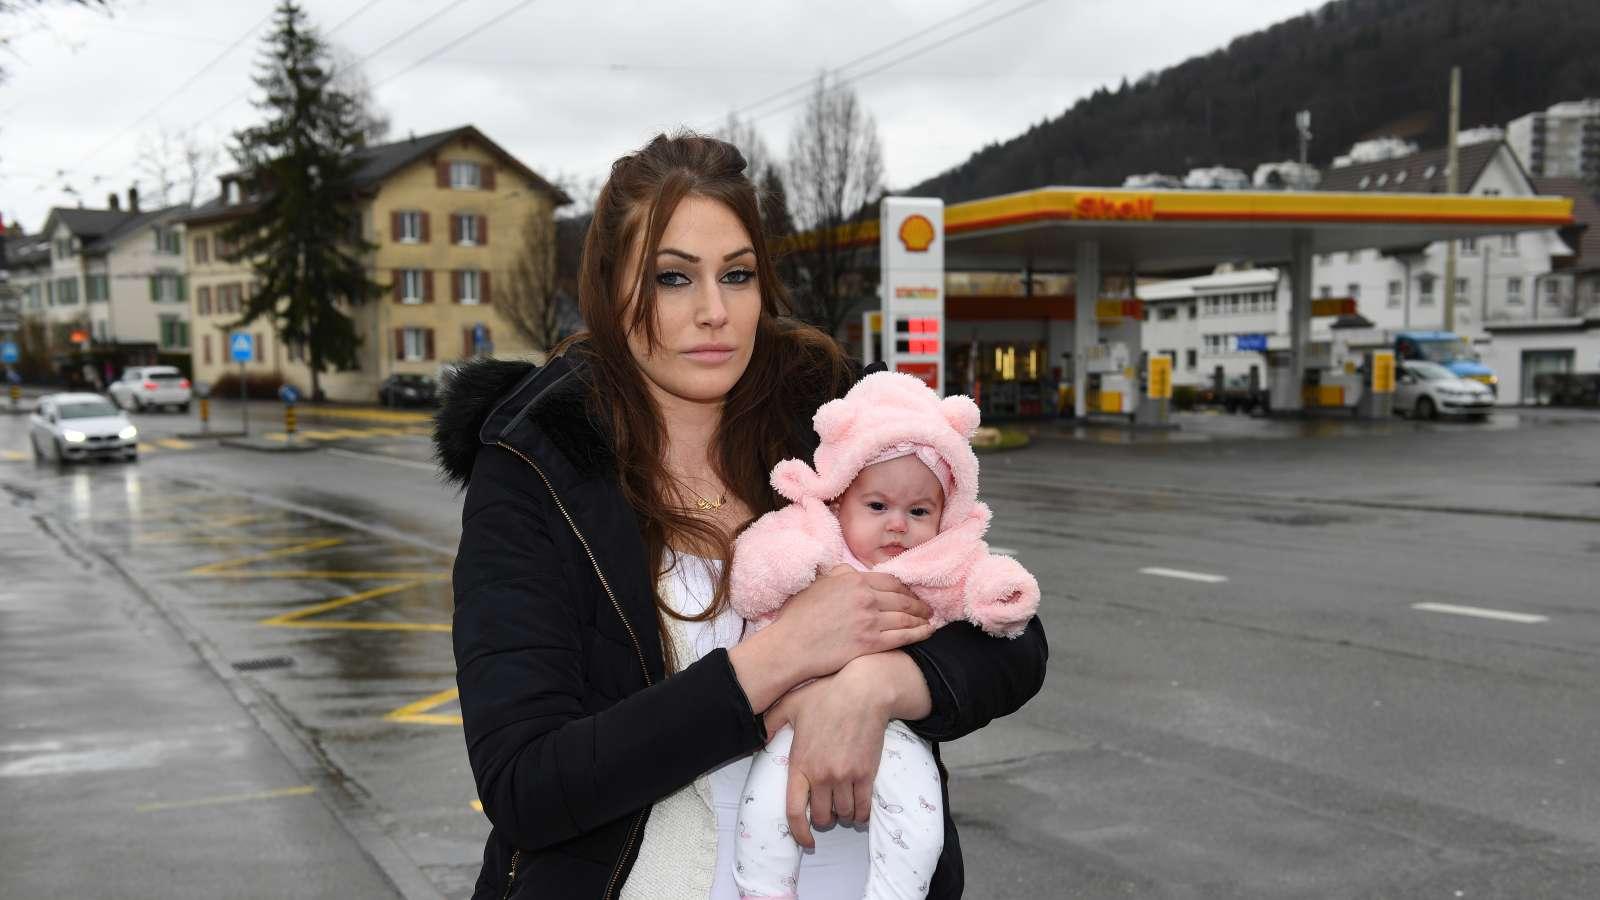 Enttäuscht: Tijana Soldo mit Töchterchen Leyla vor der Shell-Tankstelle Erlach in St. Gallen, ihrem früheren Arbeitsort.